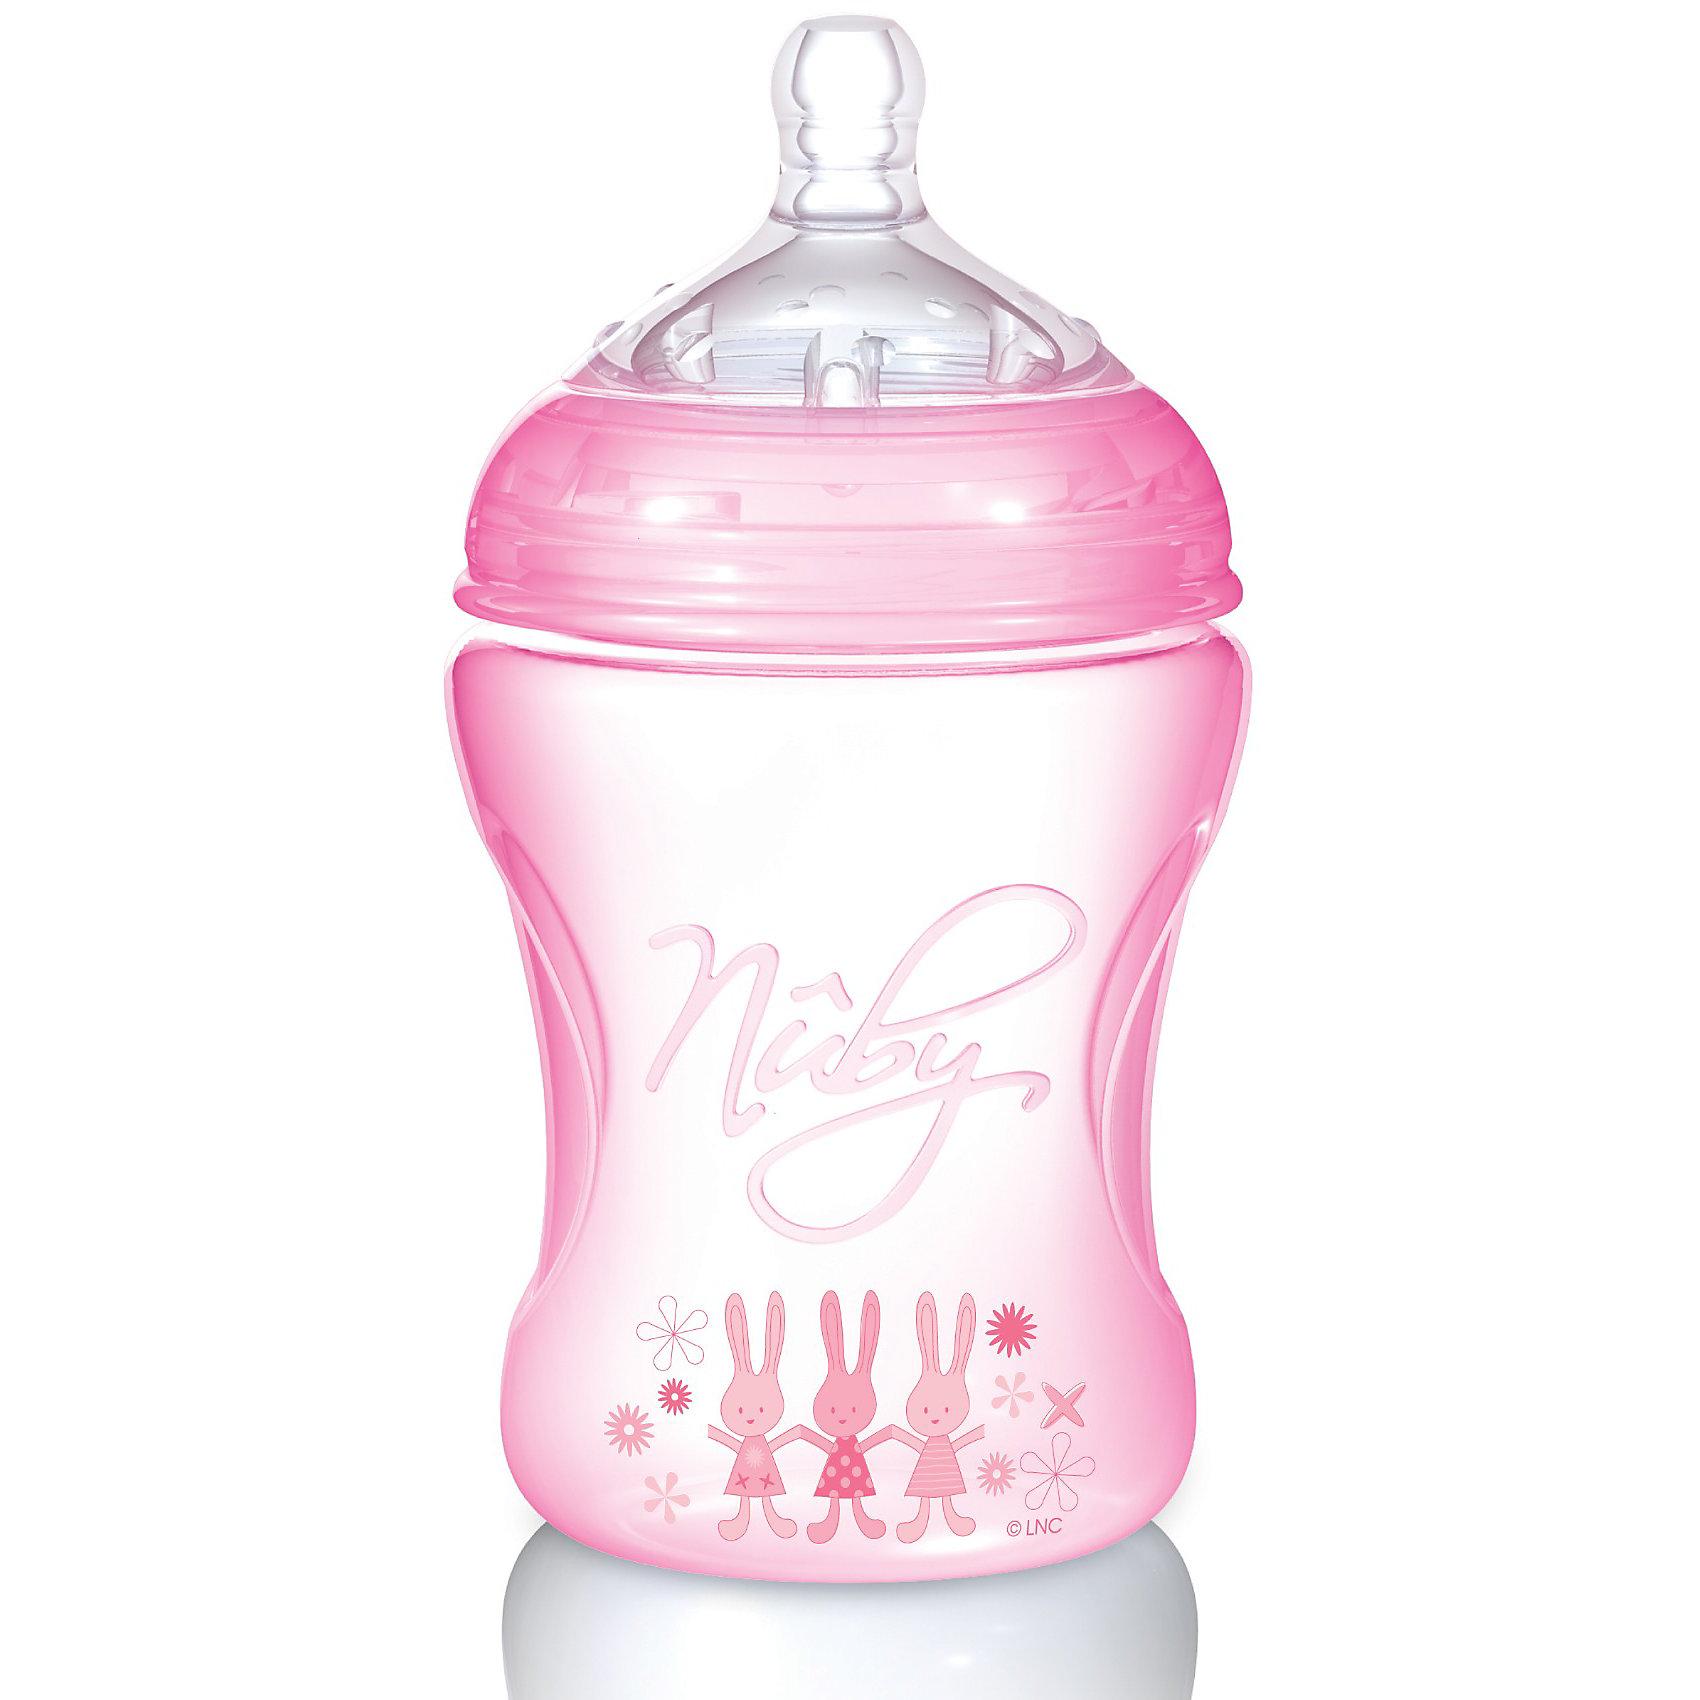 Nuby Полипропиленовая бутылочка с принтами Nuby, 240 мл., платья с принтами